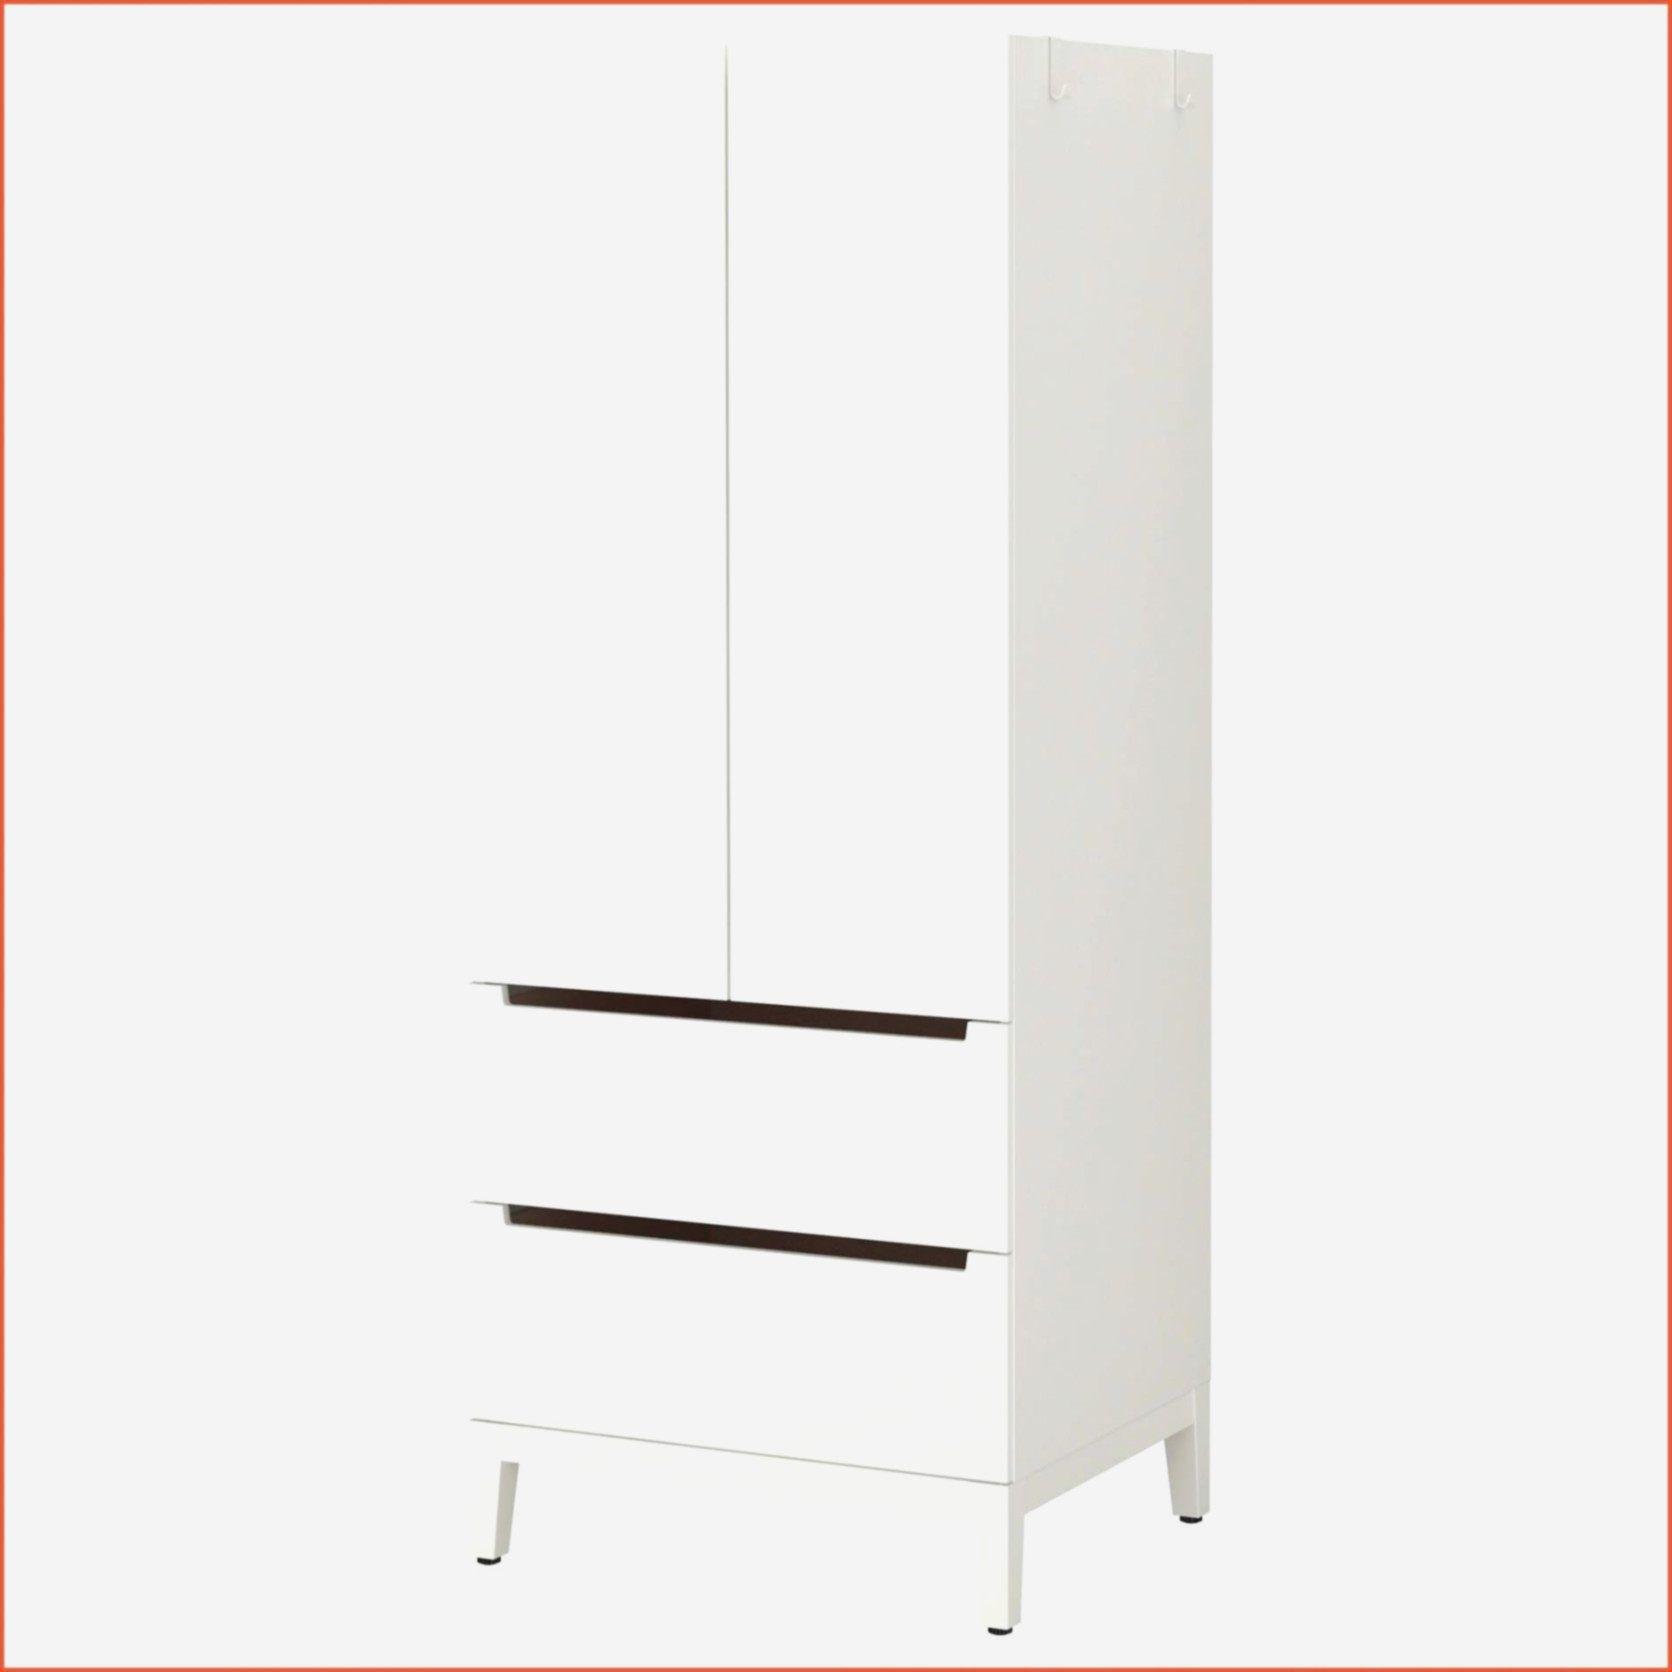 Badezimmer Schrank 25 Cm Tief Schrank Ikea Schrank Kleines Schlafzimmer Einrichten